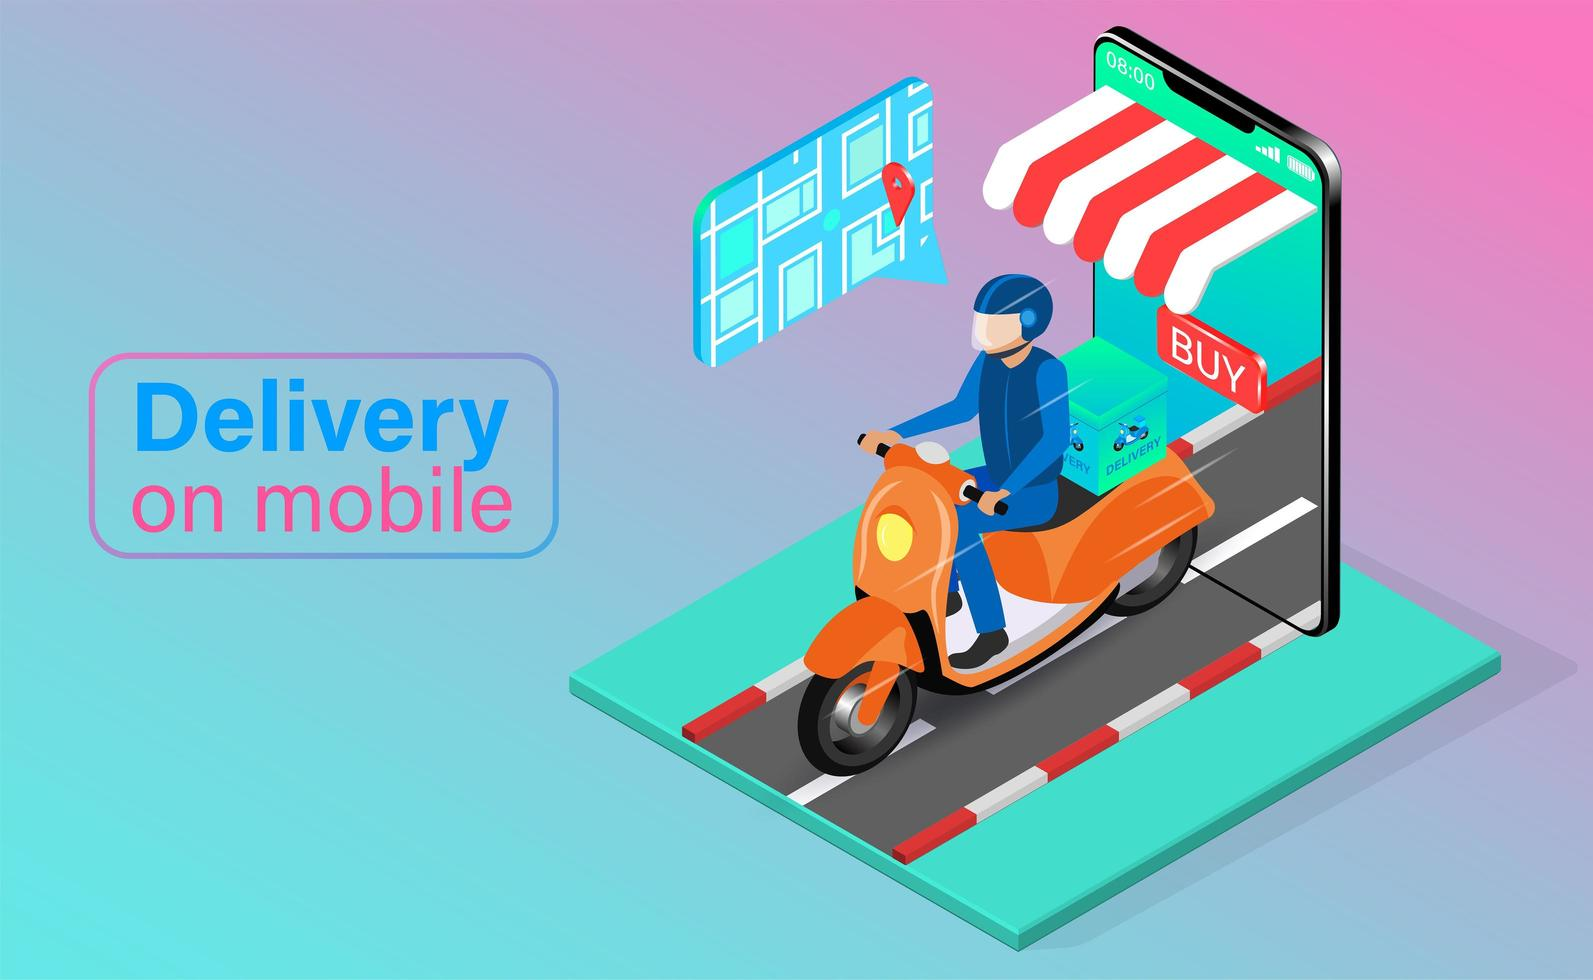 livraison de scooter de téléphone portable vecteur